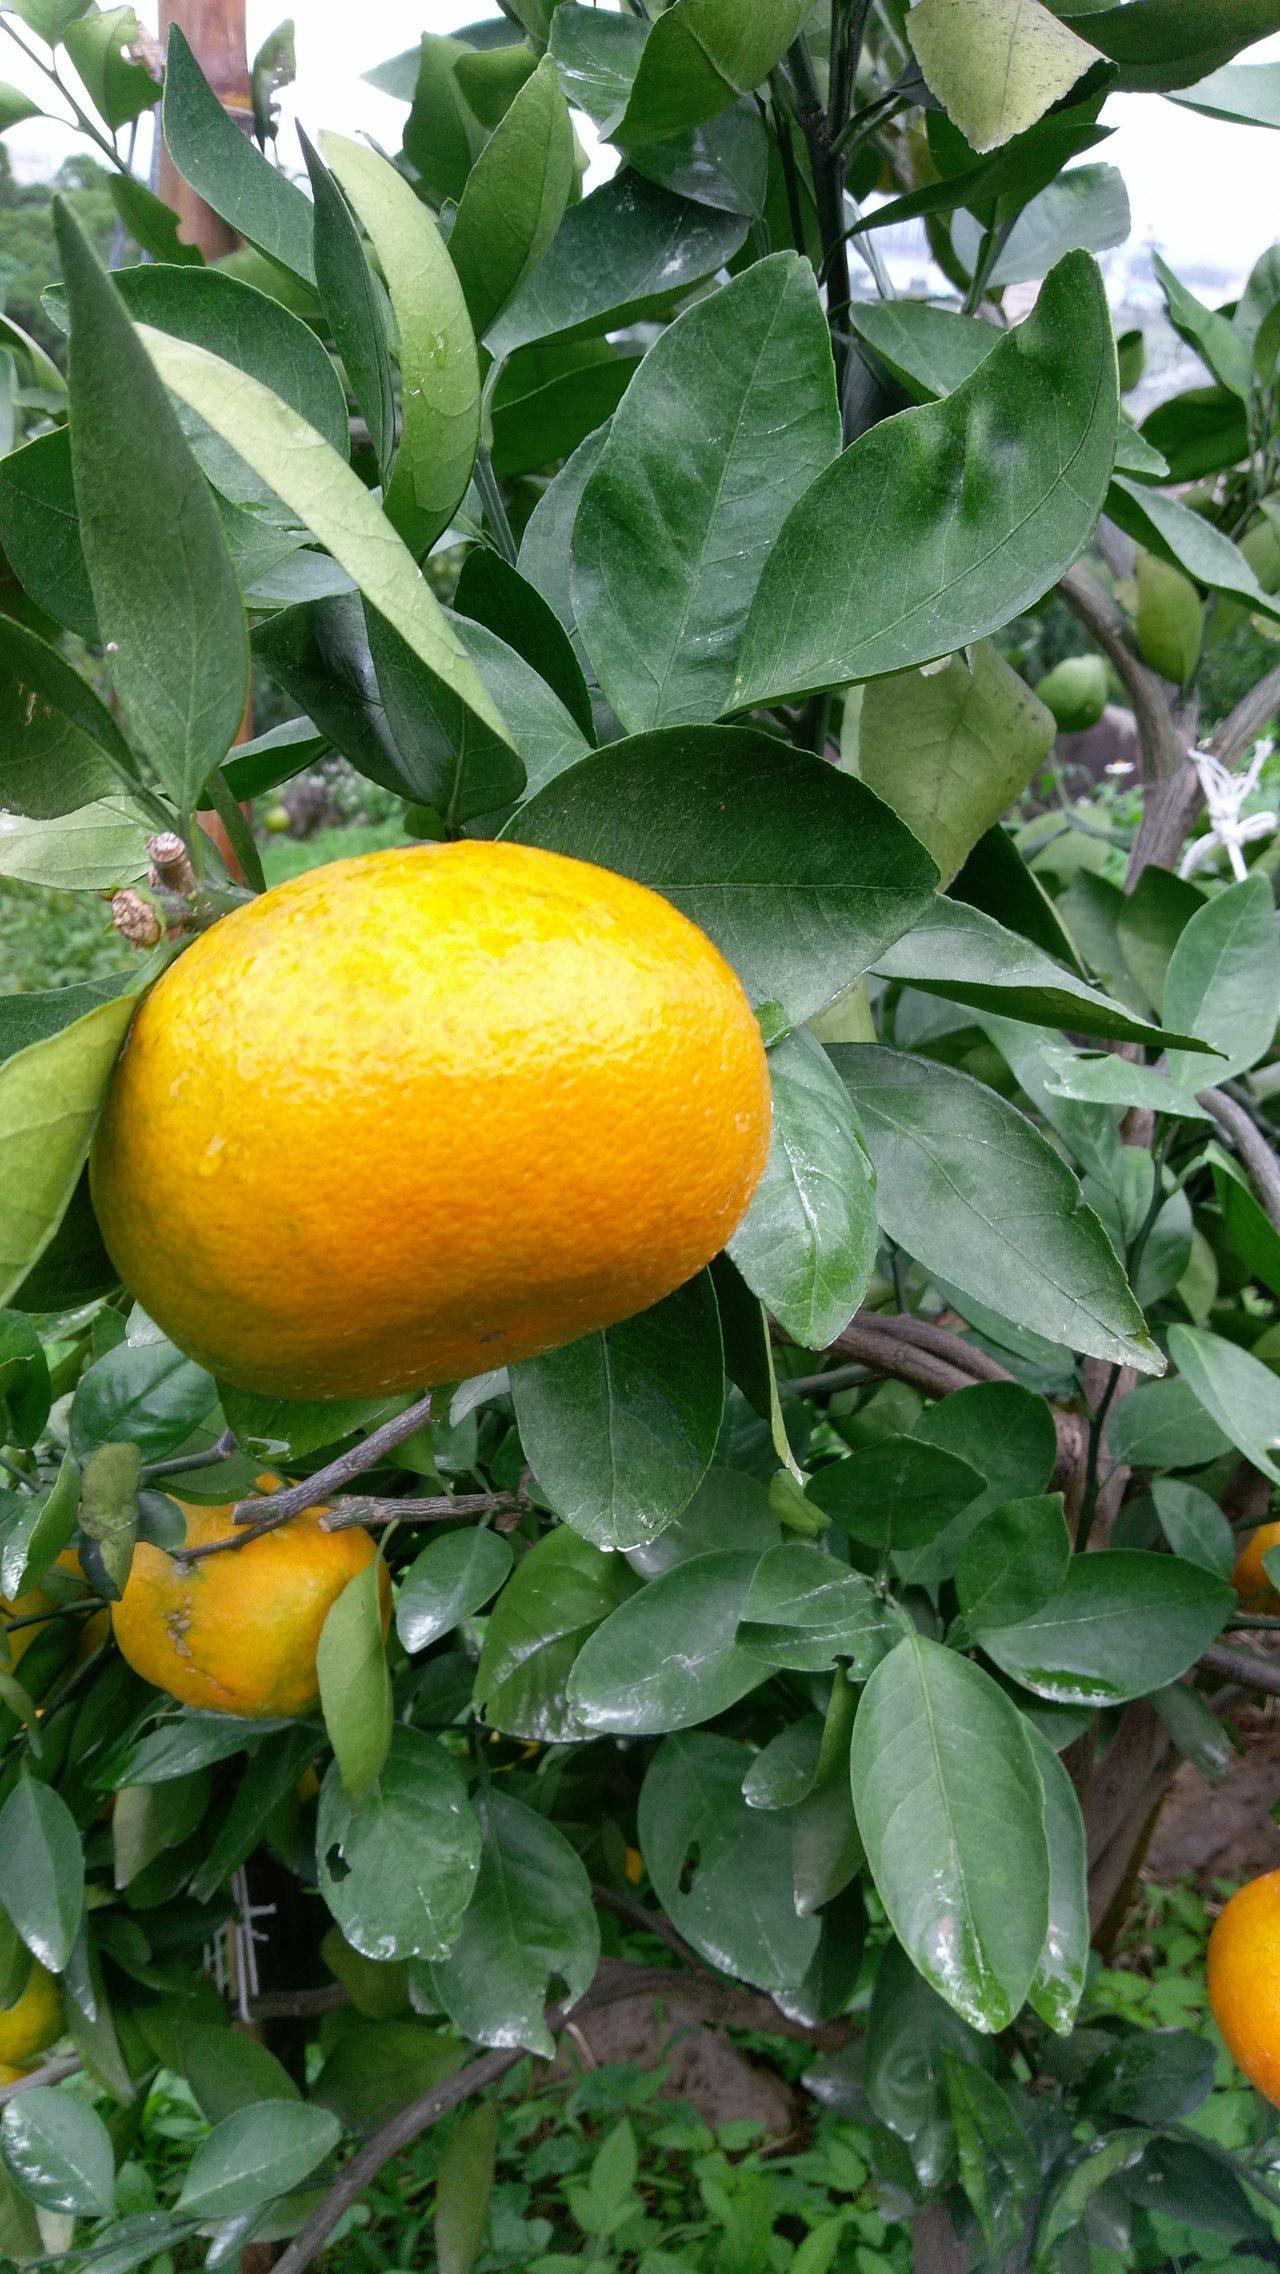 八里區柑橘品種之一天王柑。圖/新北市農業局提供